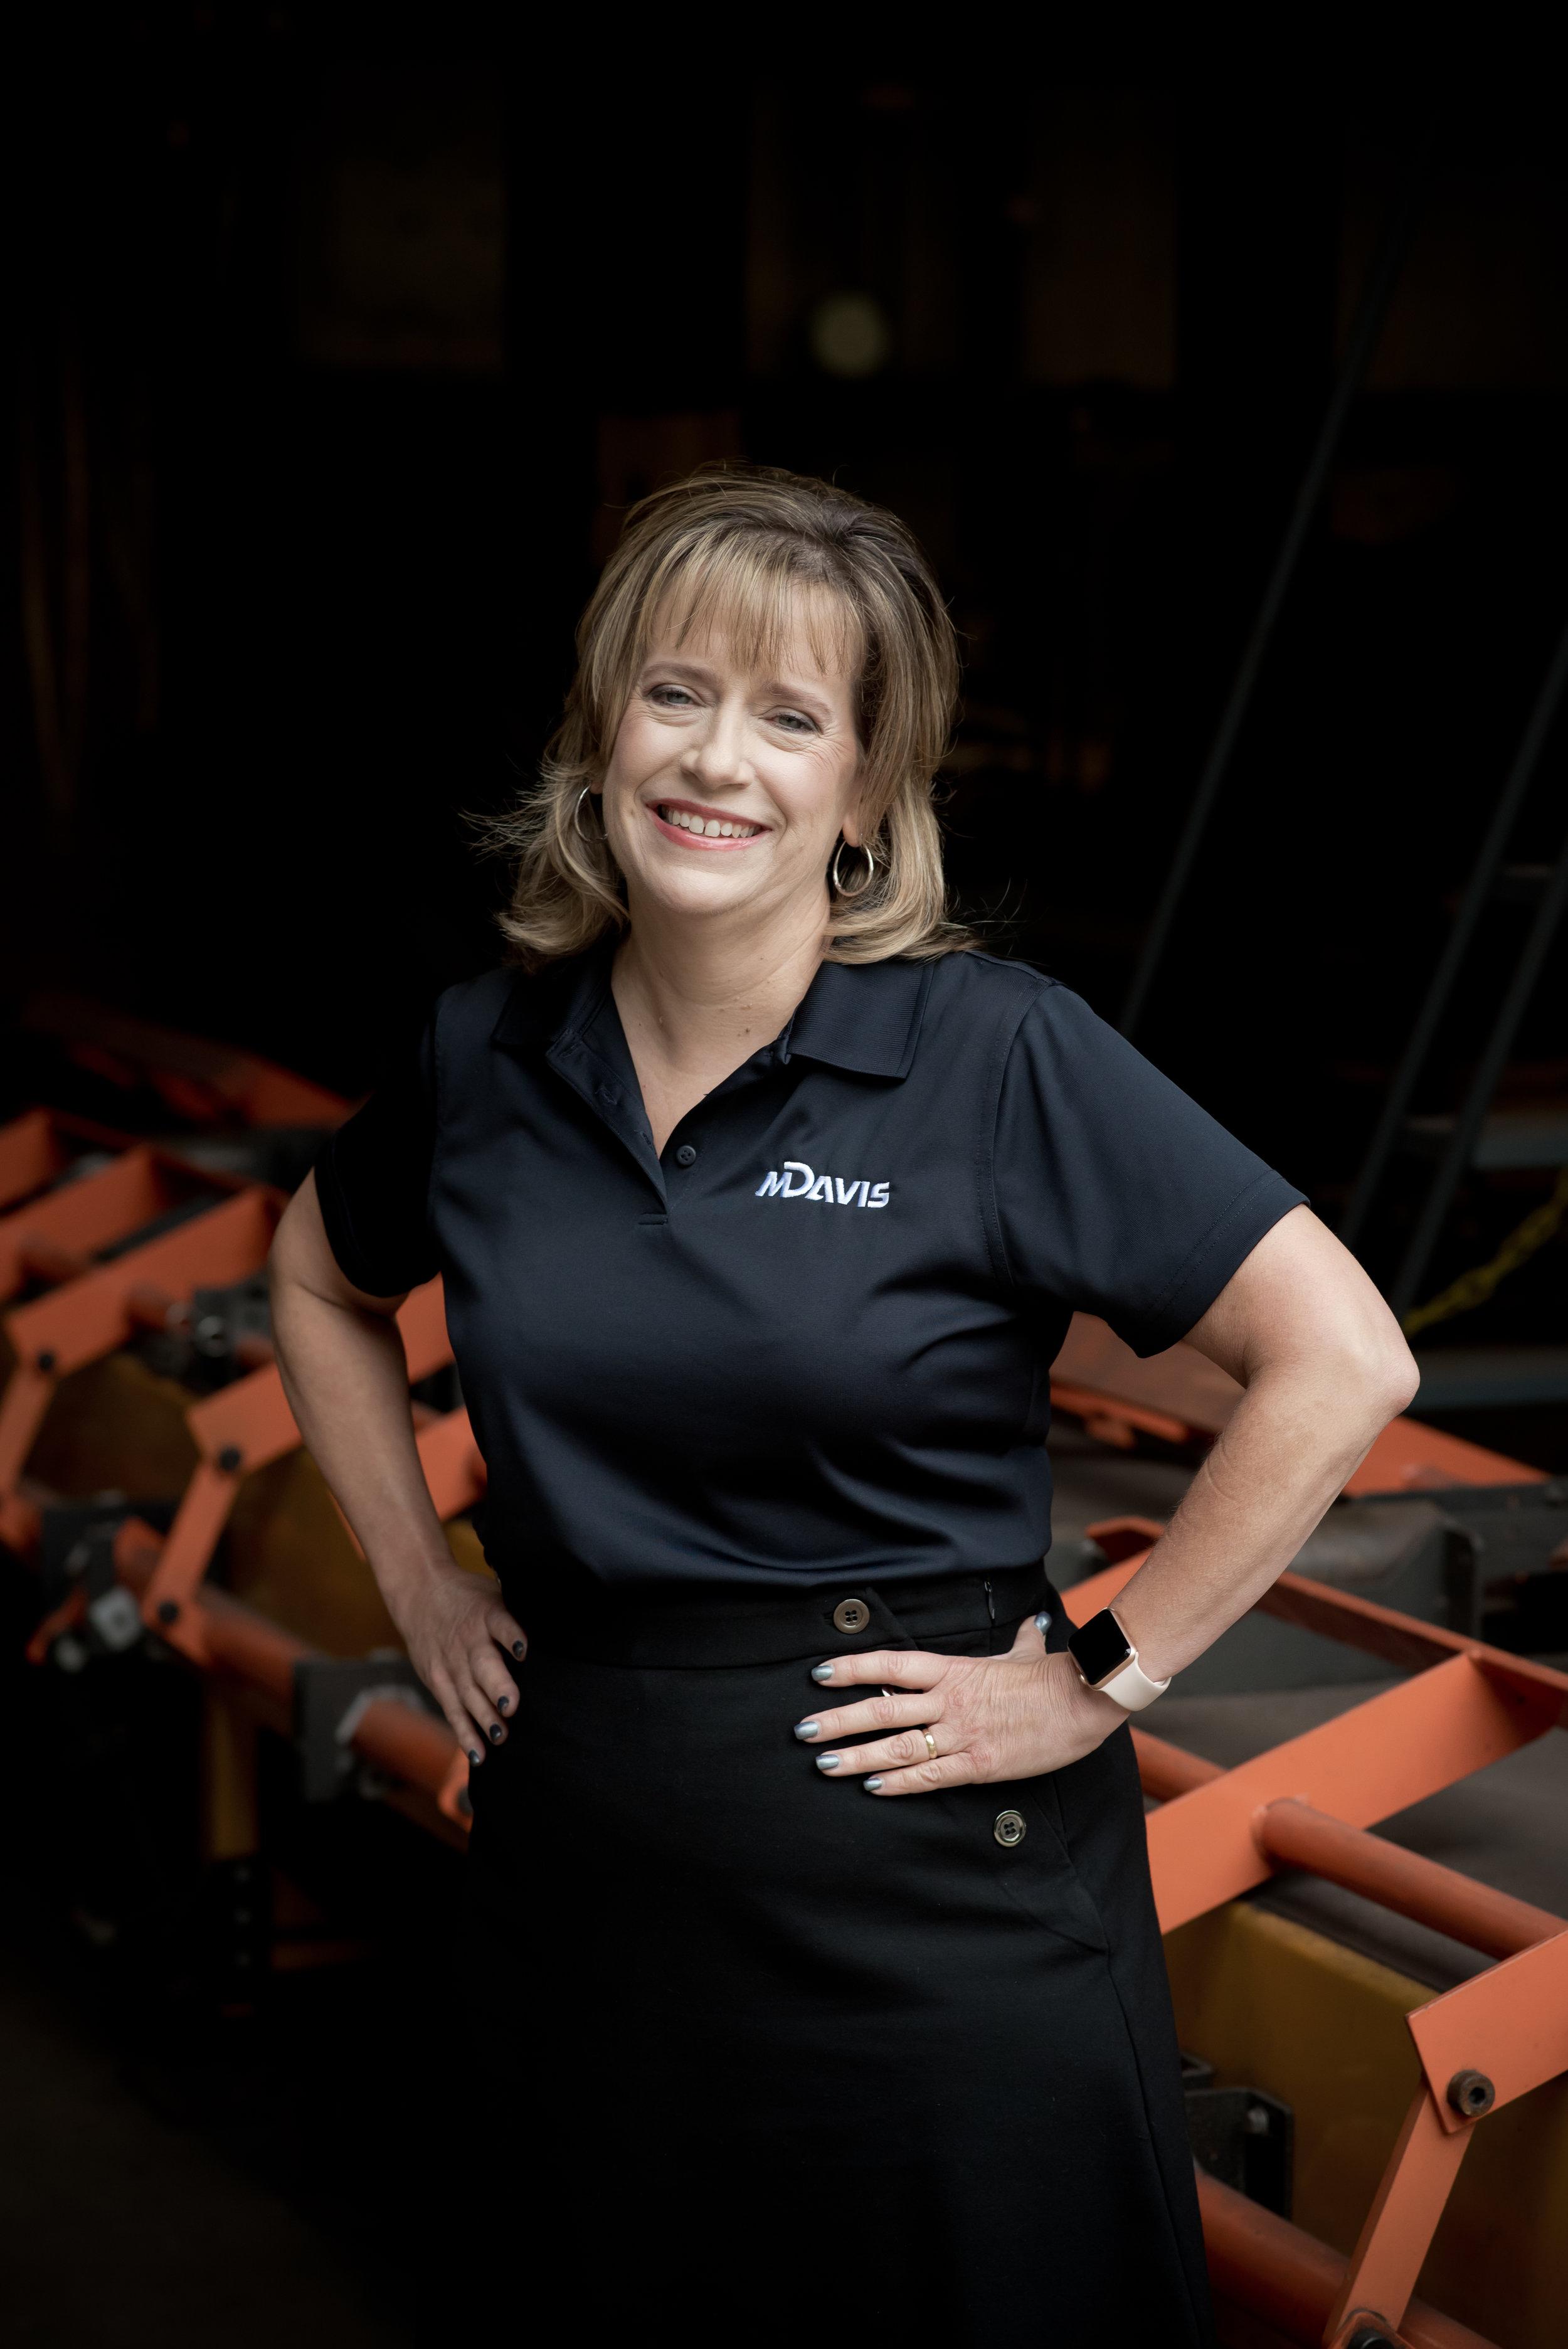 Peggy Del Fabbro, CEO of M. Davis & Sons